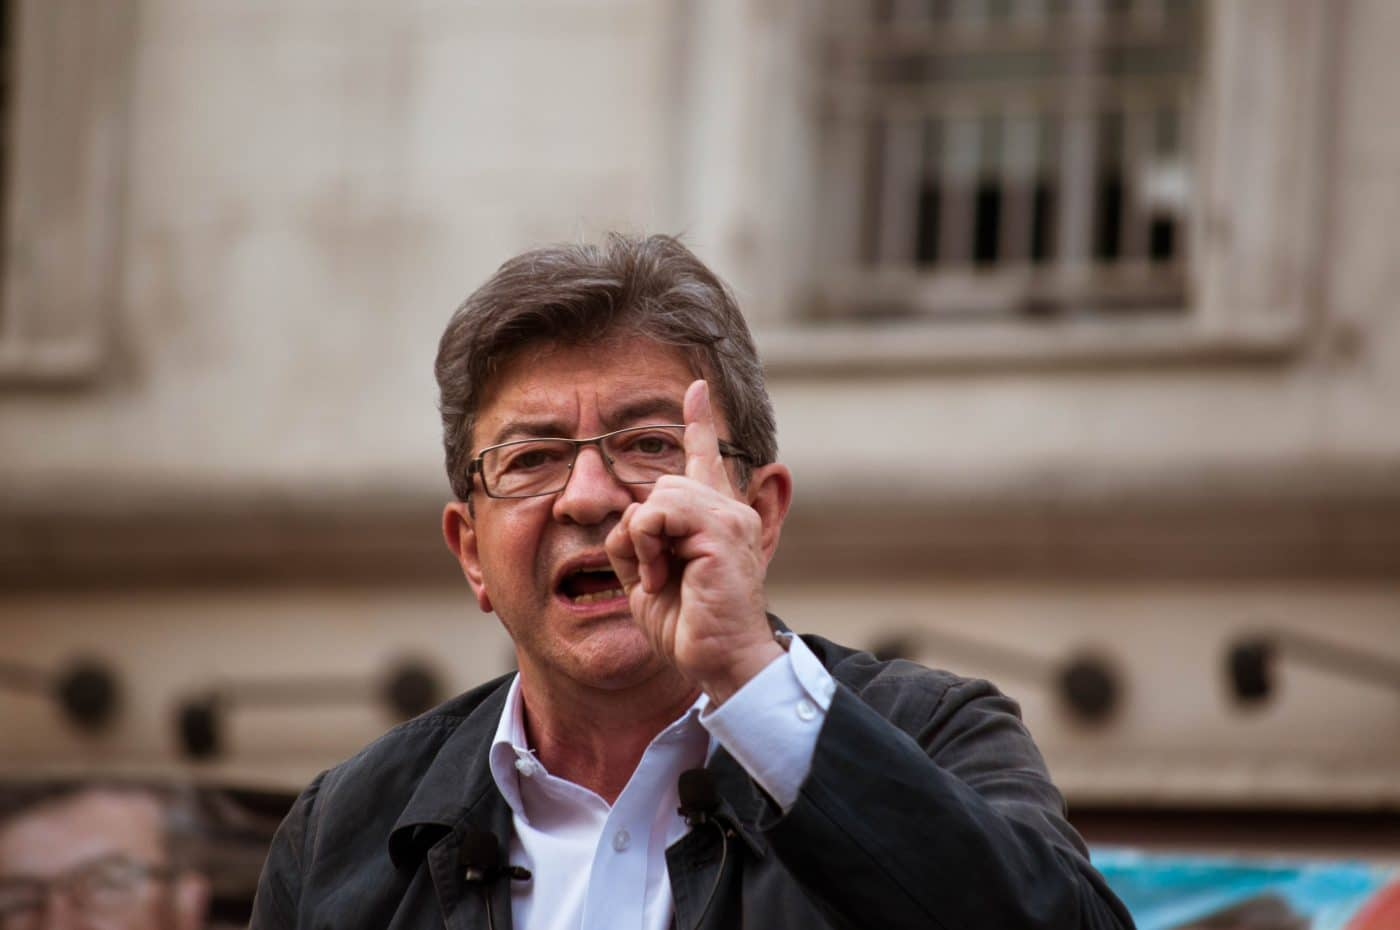 """Pour les municipales, Jean-Luc Mélenchon donne """"la priorité aux collectifs"""""""